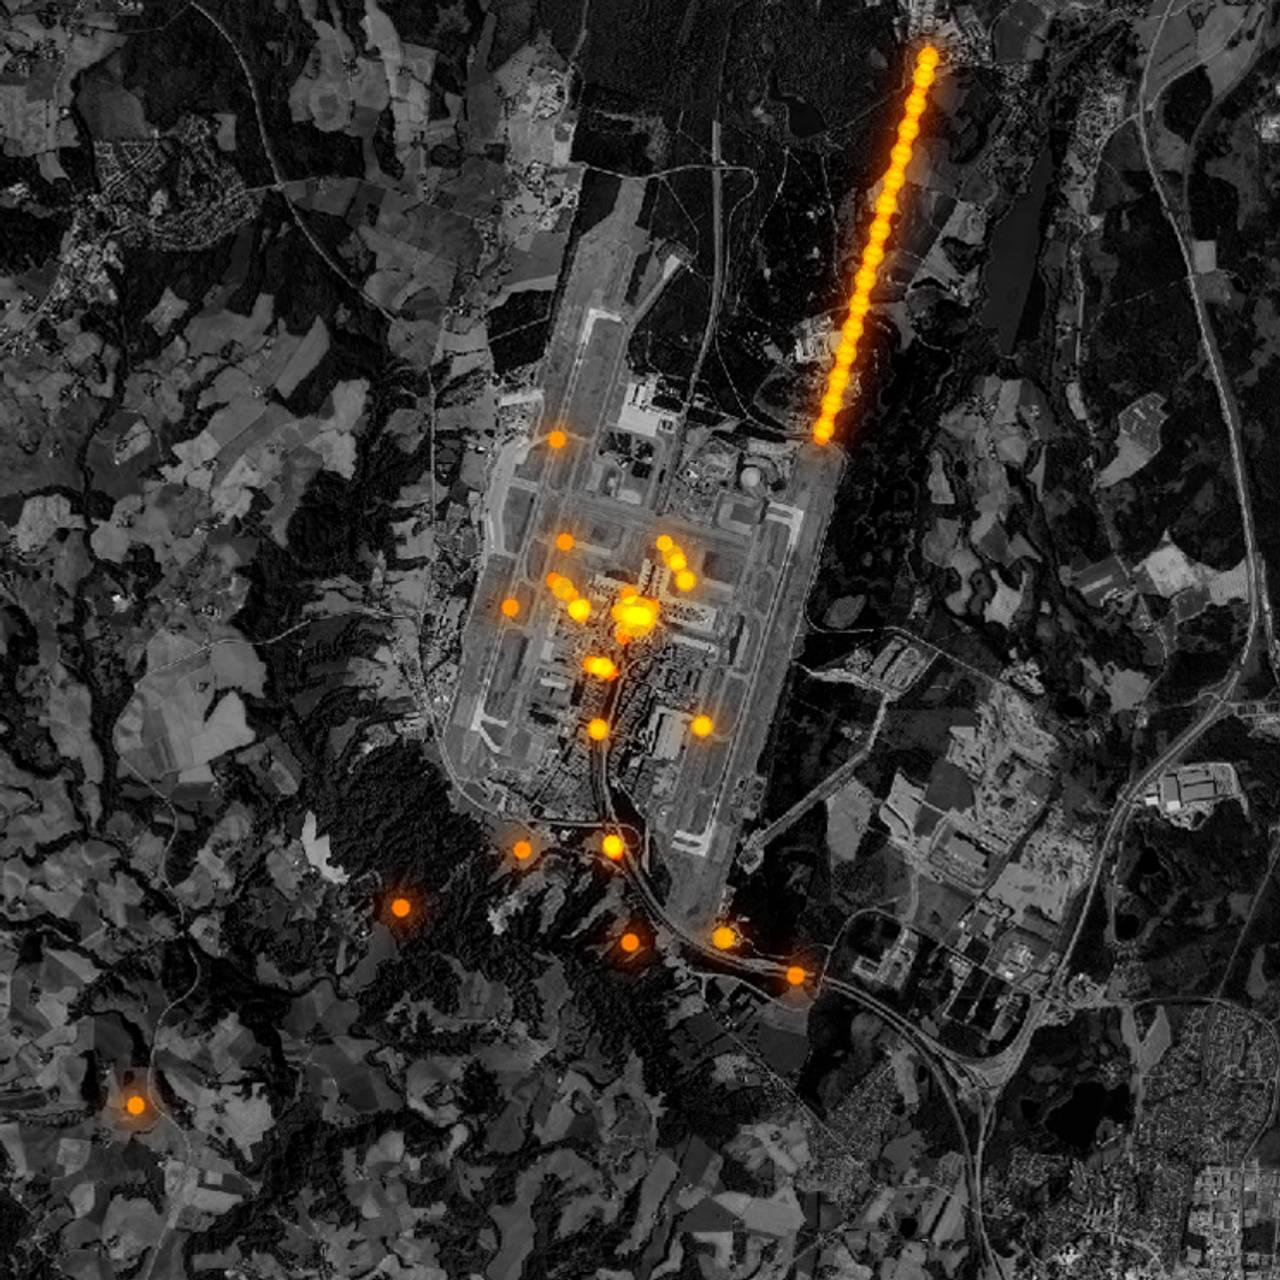 Flyfoto som viser mobilposisjoneringer i området rundt Gardermoen